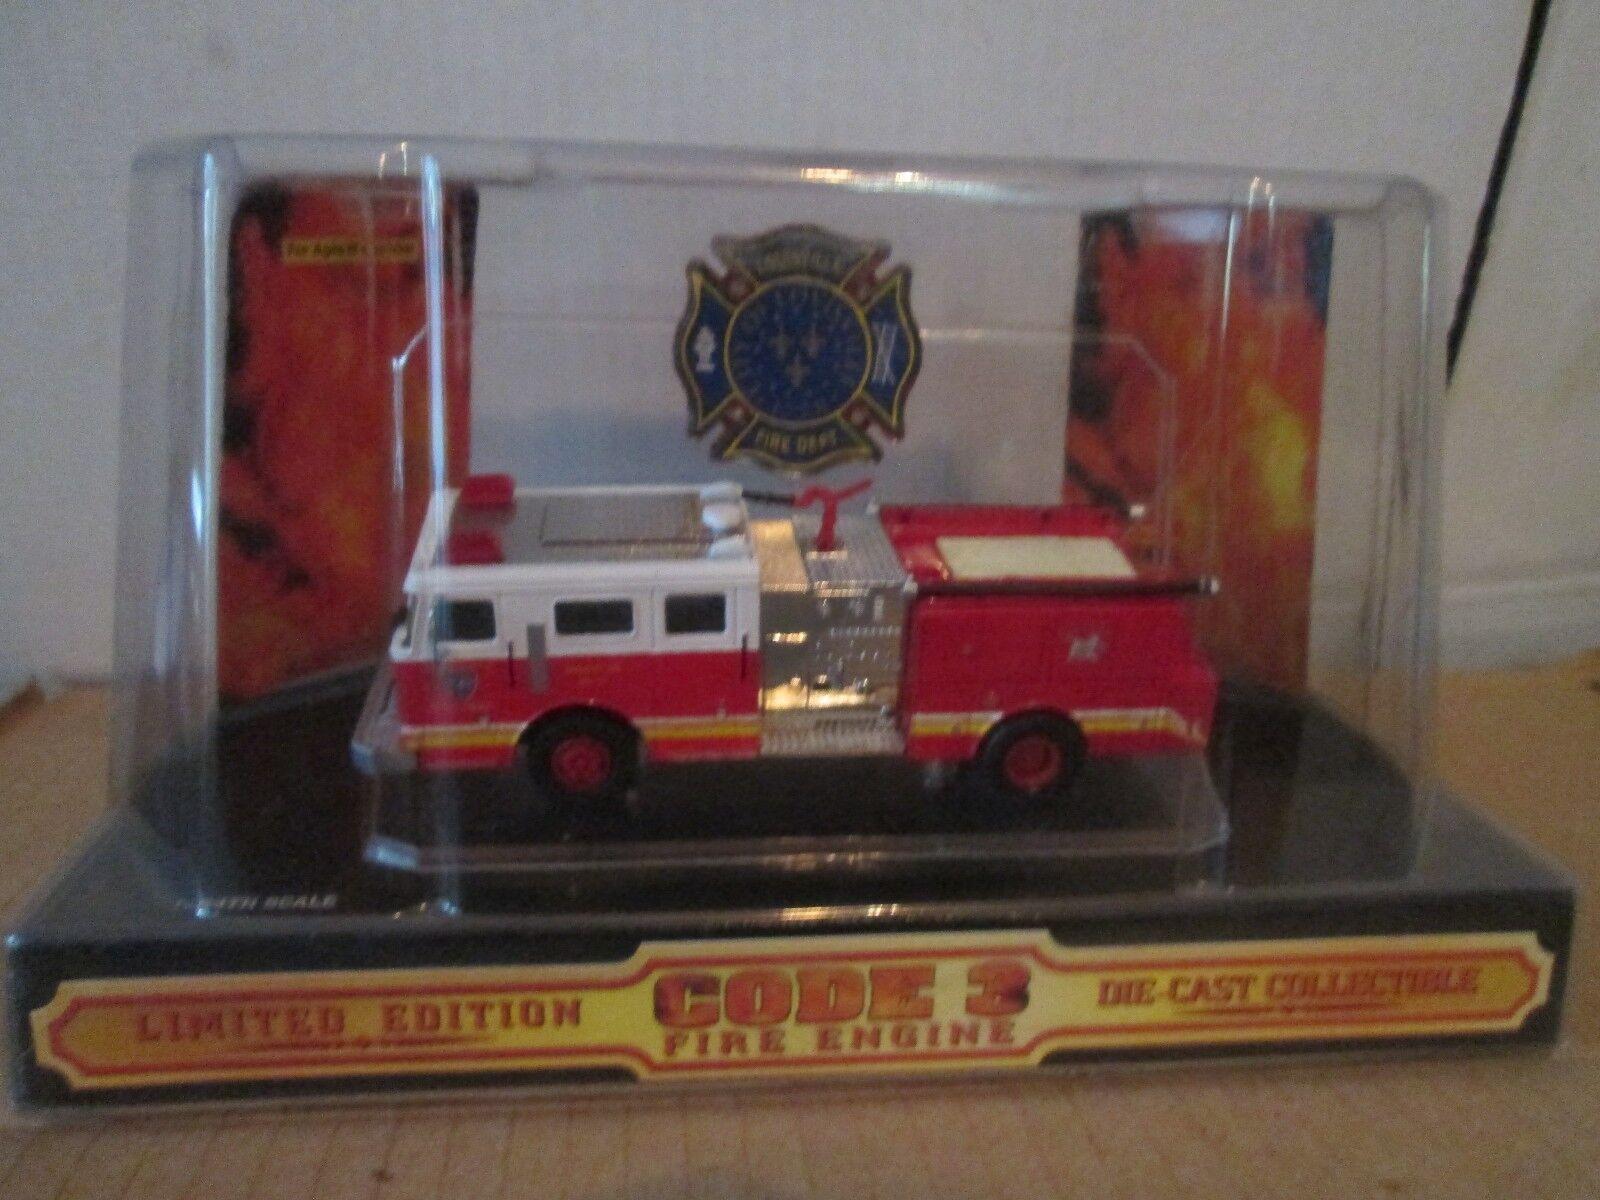 City Of Louisville Code 3 Seagrave Pumper 1/64 Fire Dept Unité 15 #02455 | Livraison Immédiate  | Outlet Shop En Ligne  | être Dans L'utilisation  | Expédition Rapide